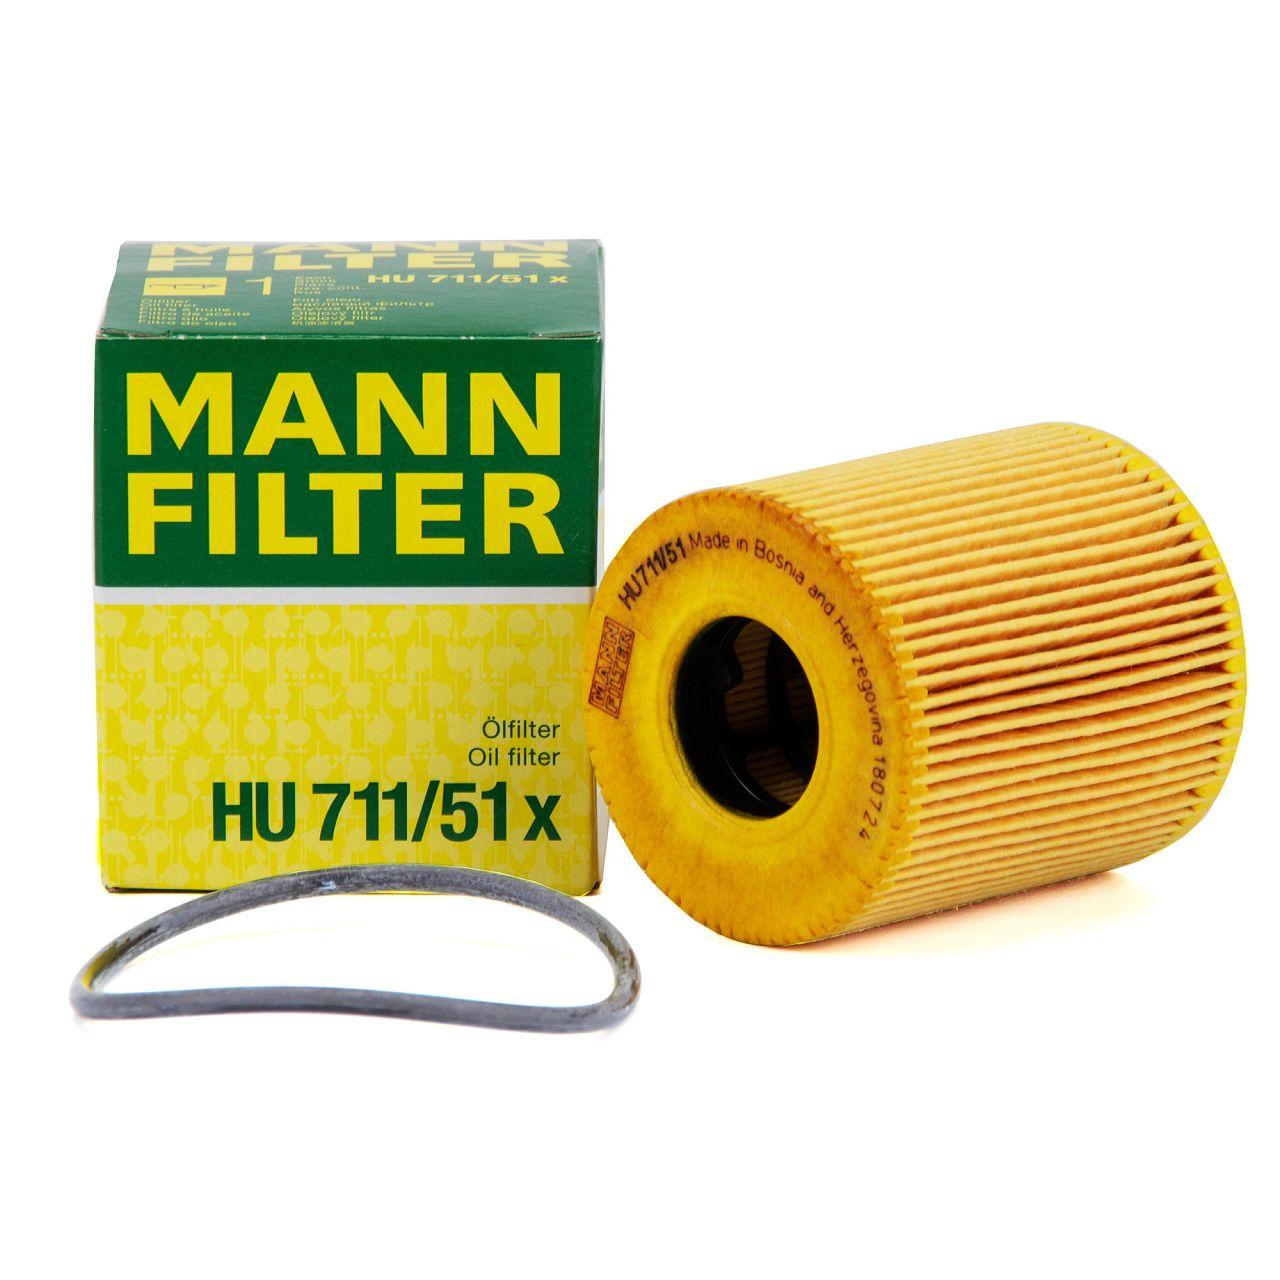 MANN HU711/51x Ölfilter für CITROEN FIAT FORD MINI OPEL PEUGEOT TOYOTA VOLVO